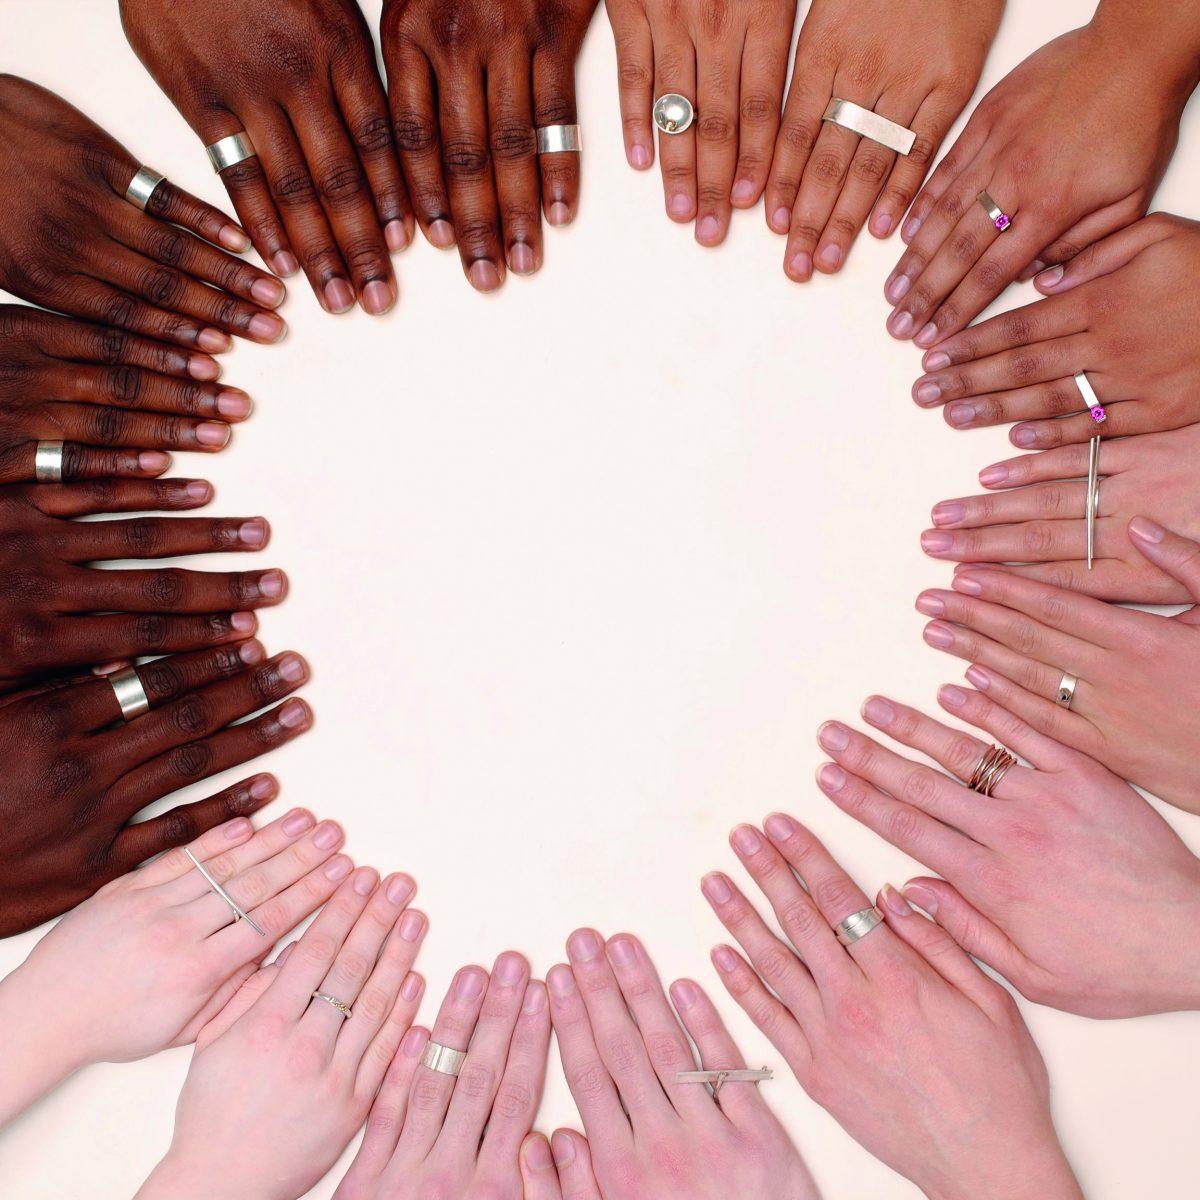 Un proyecto para promover la multiculturalidad